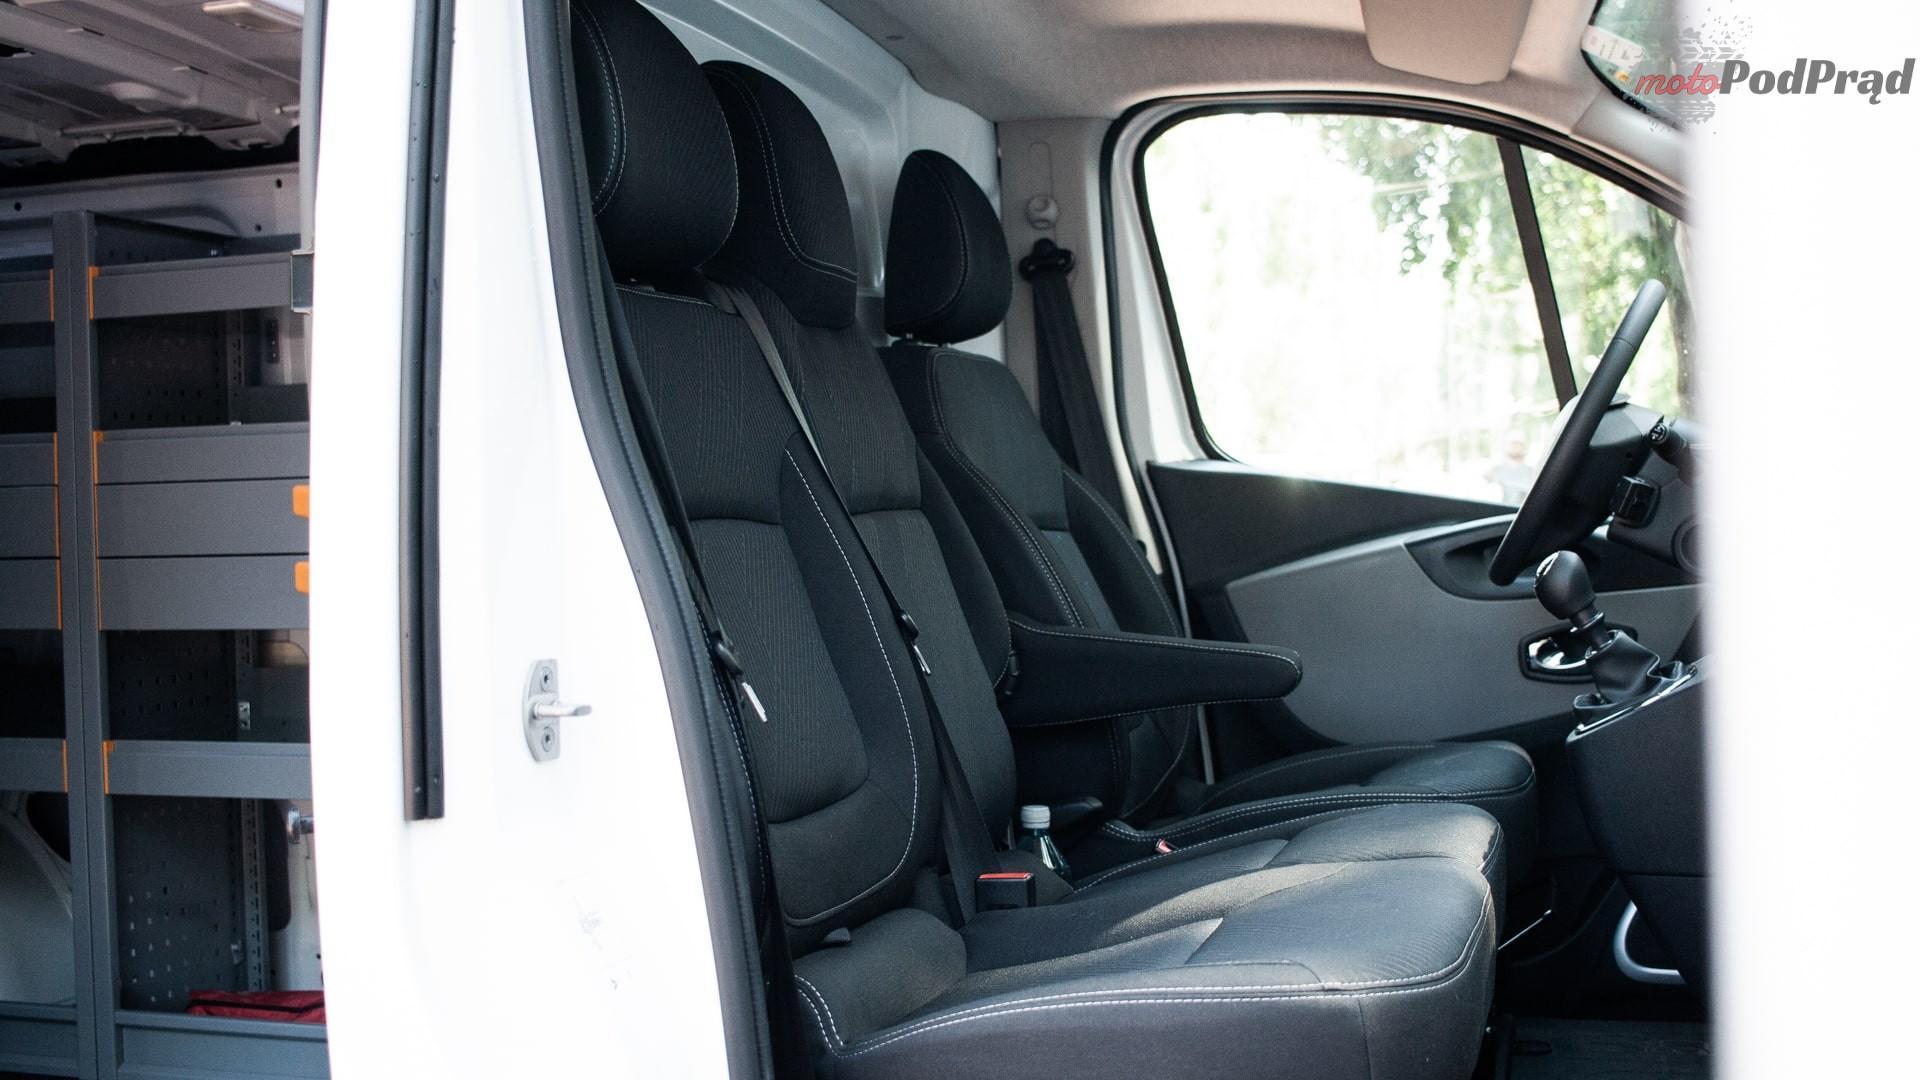 renault trafic 11 Test: Renault Trafic furgon z zabudową Renault Tech – mobilny serwis